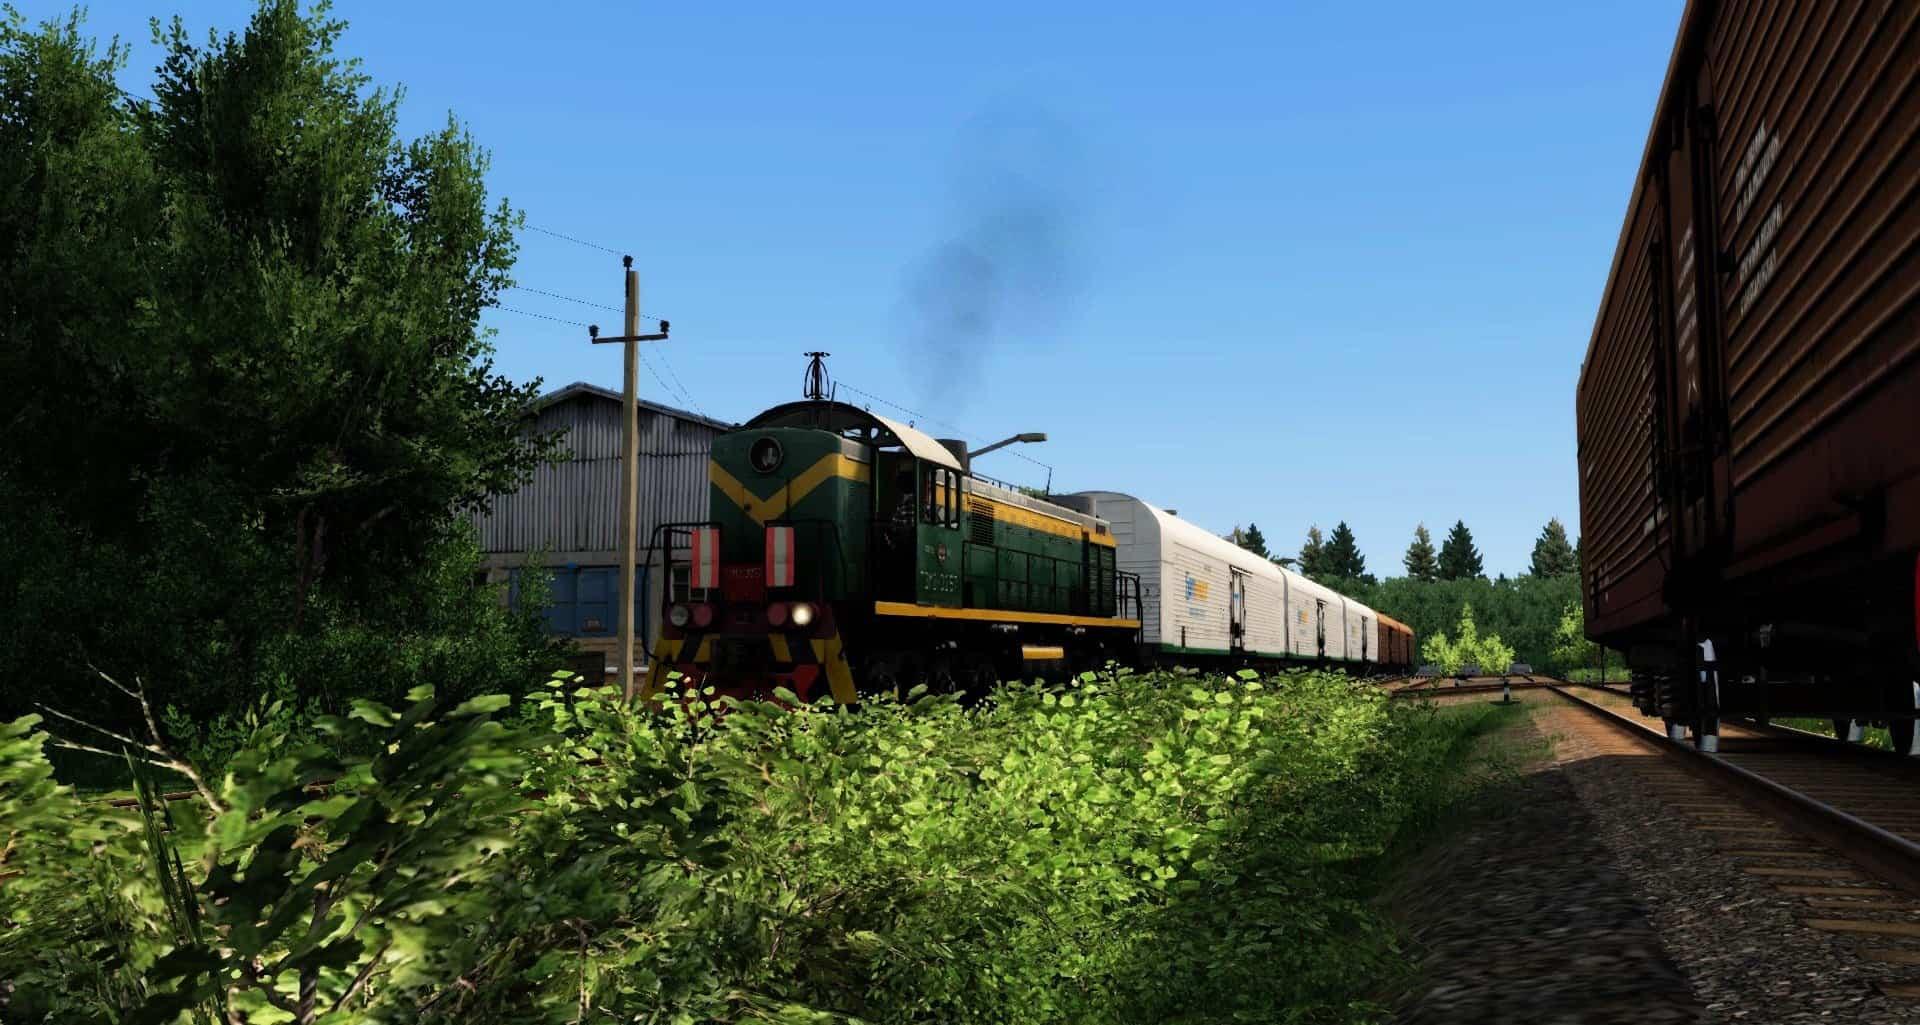 Route Russian Land v4 0 - Train Simulator Addon / Mod